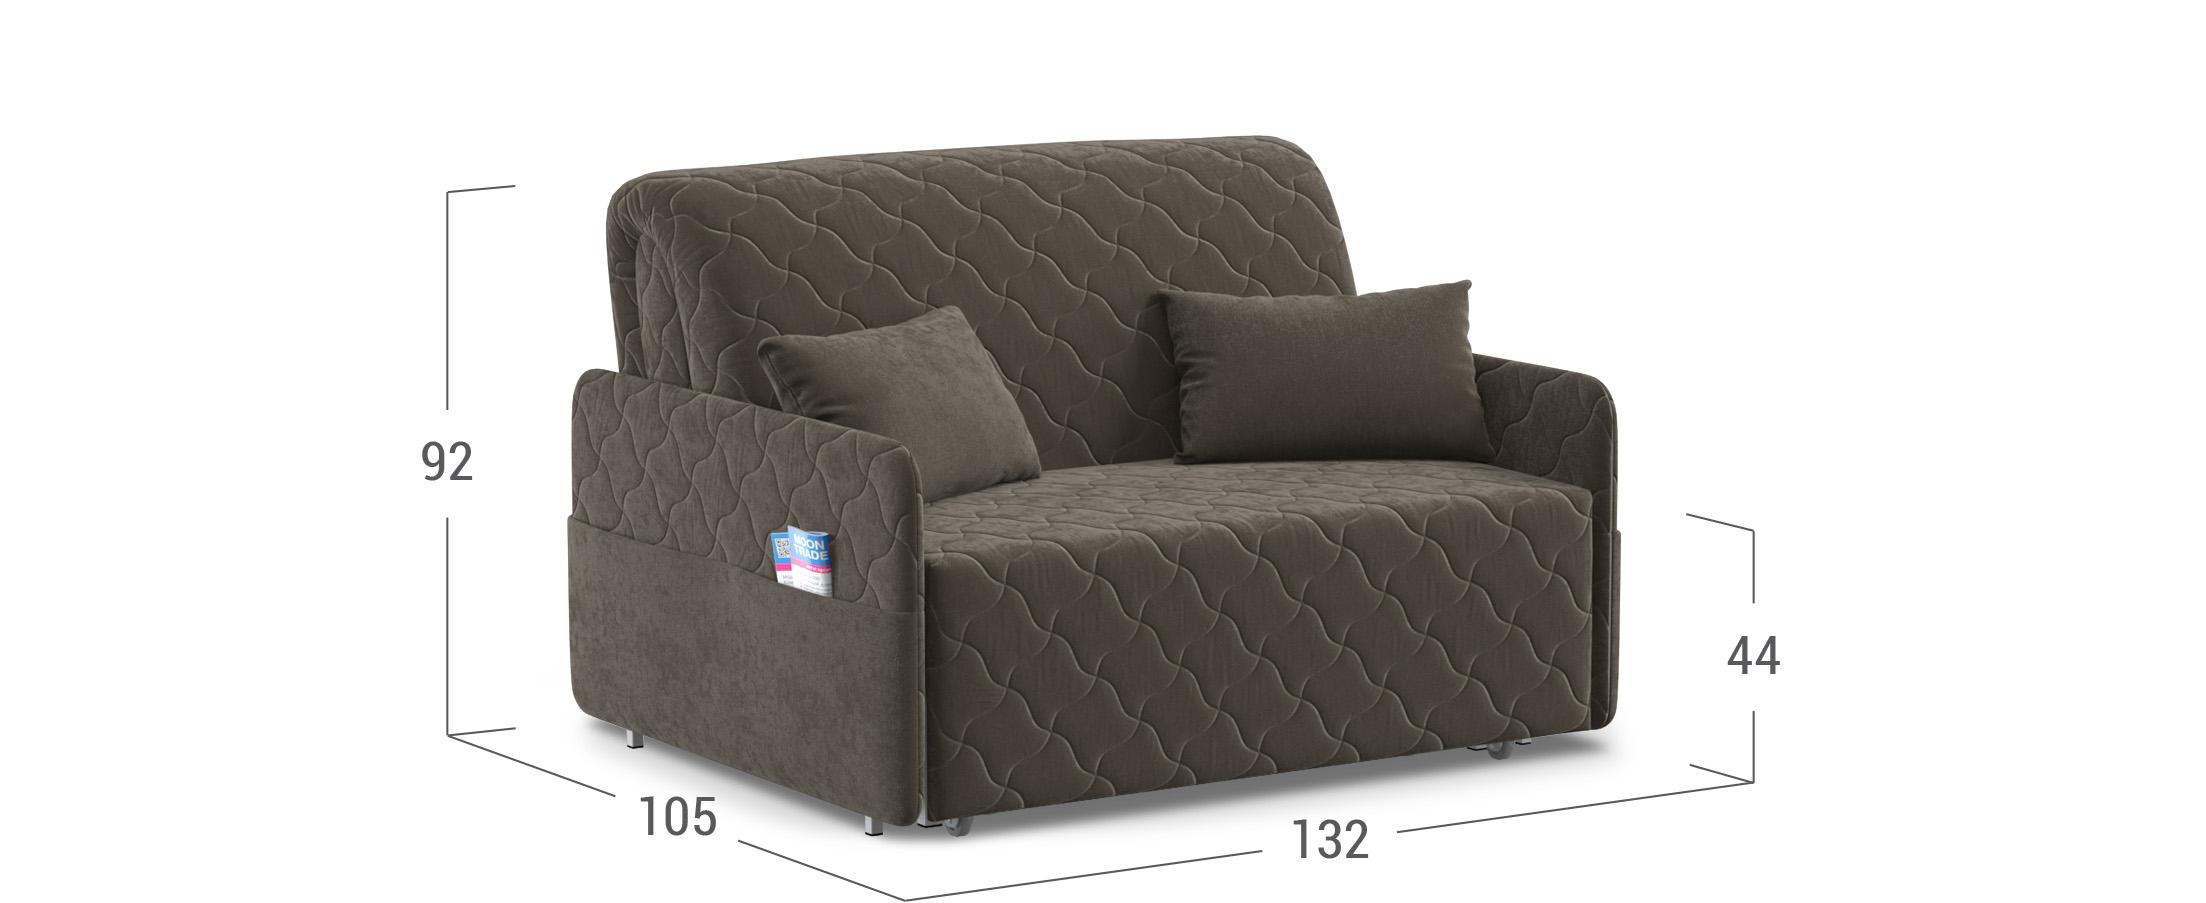 диван прямой аккордеон коричневый страйк 119 купить в москве в